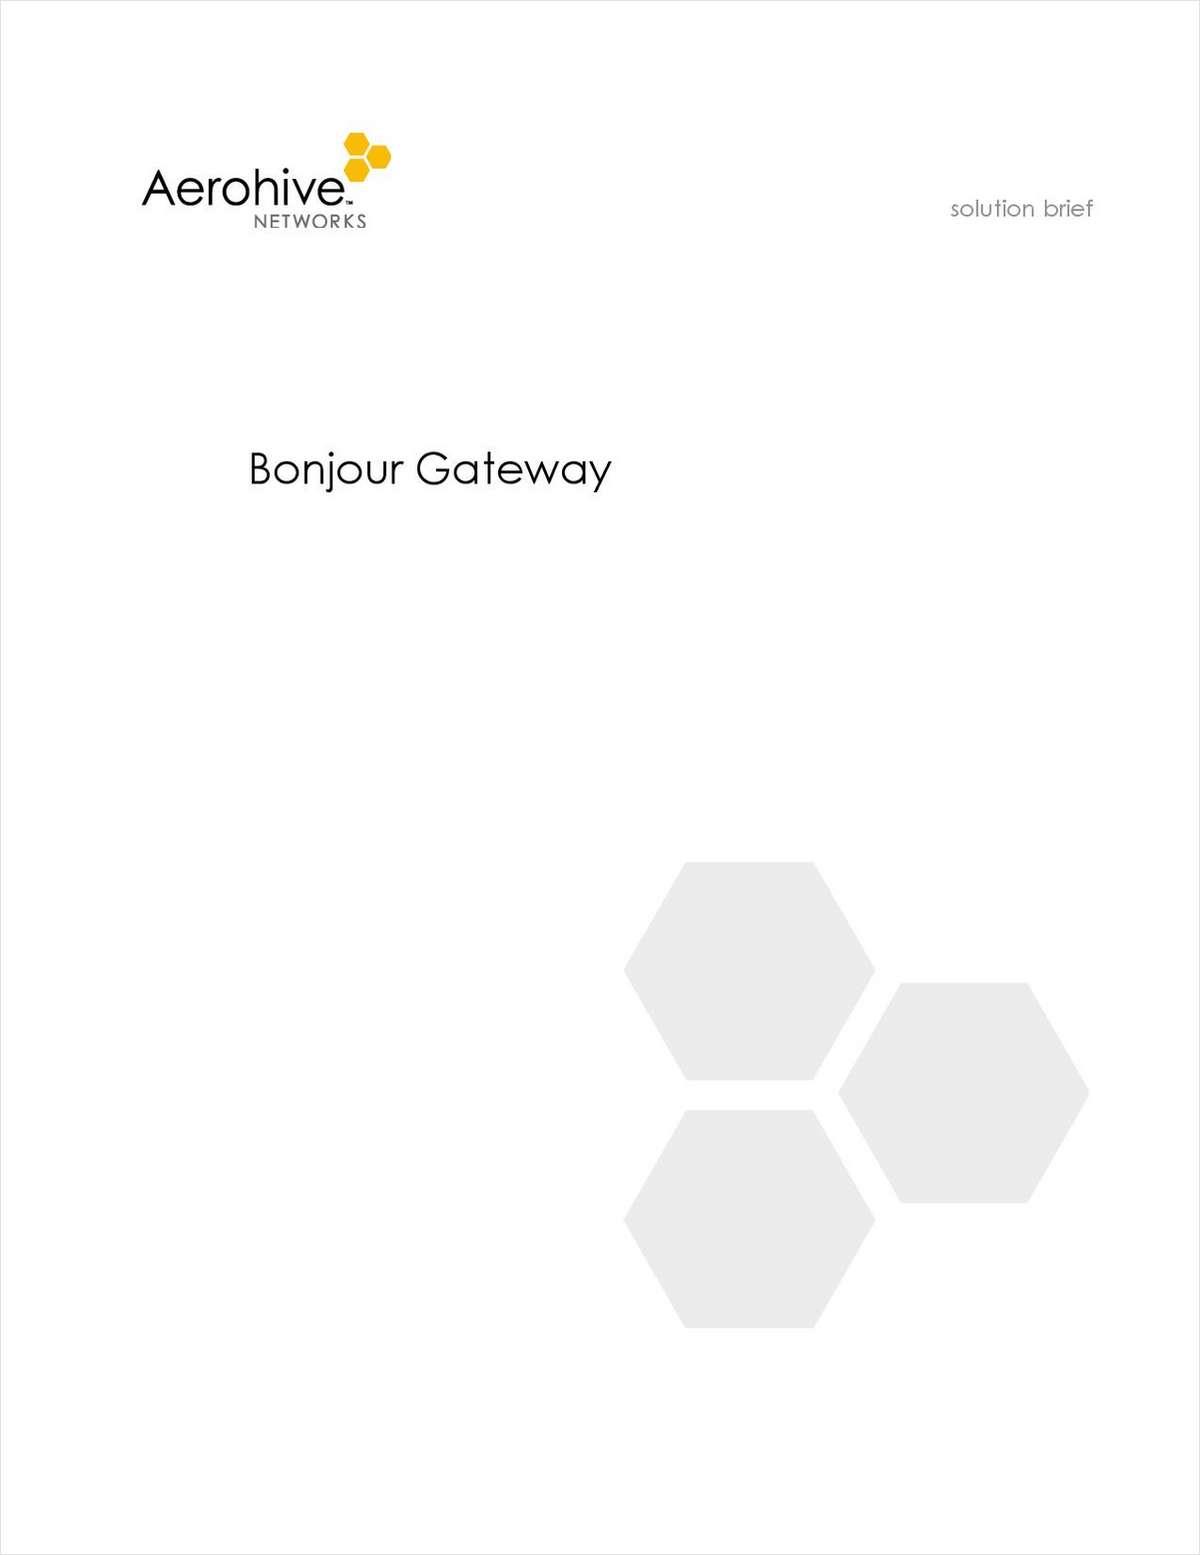 Bonjour Gateway